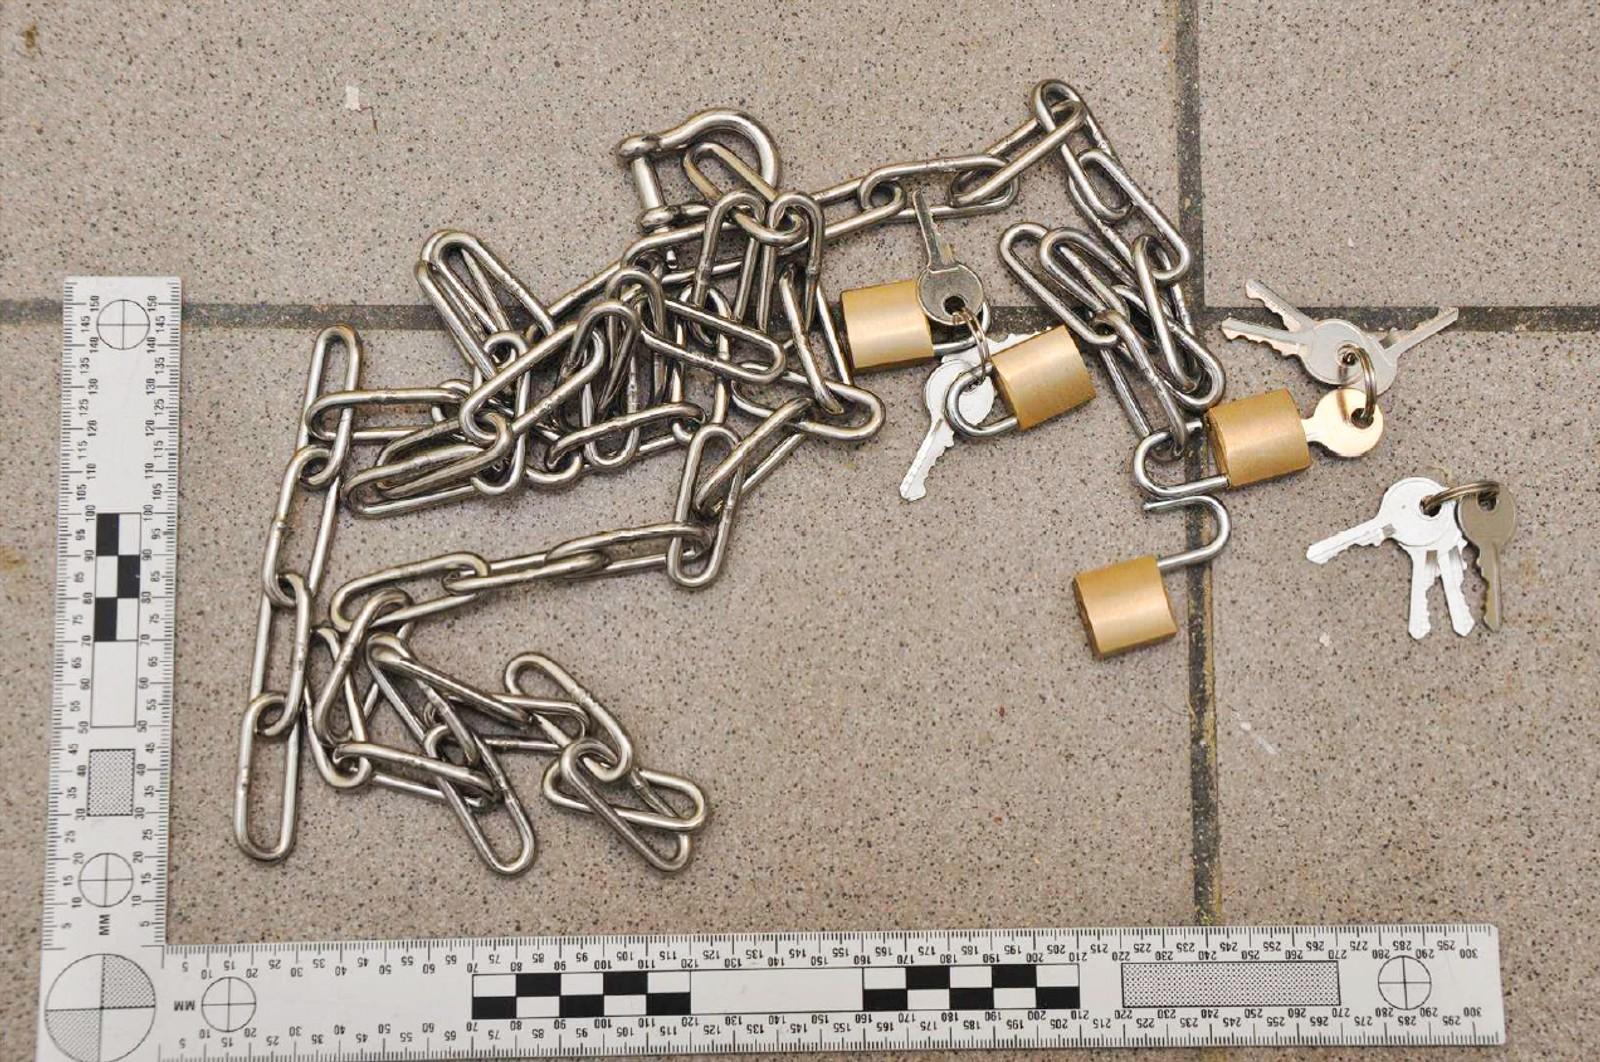 Det ble funnet kjetting og hengelåser på åstedet